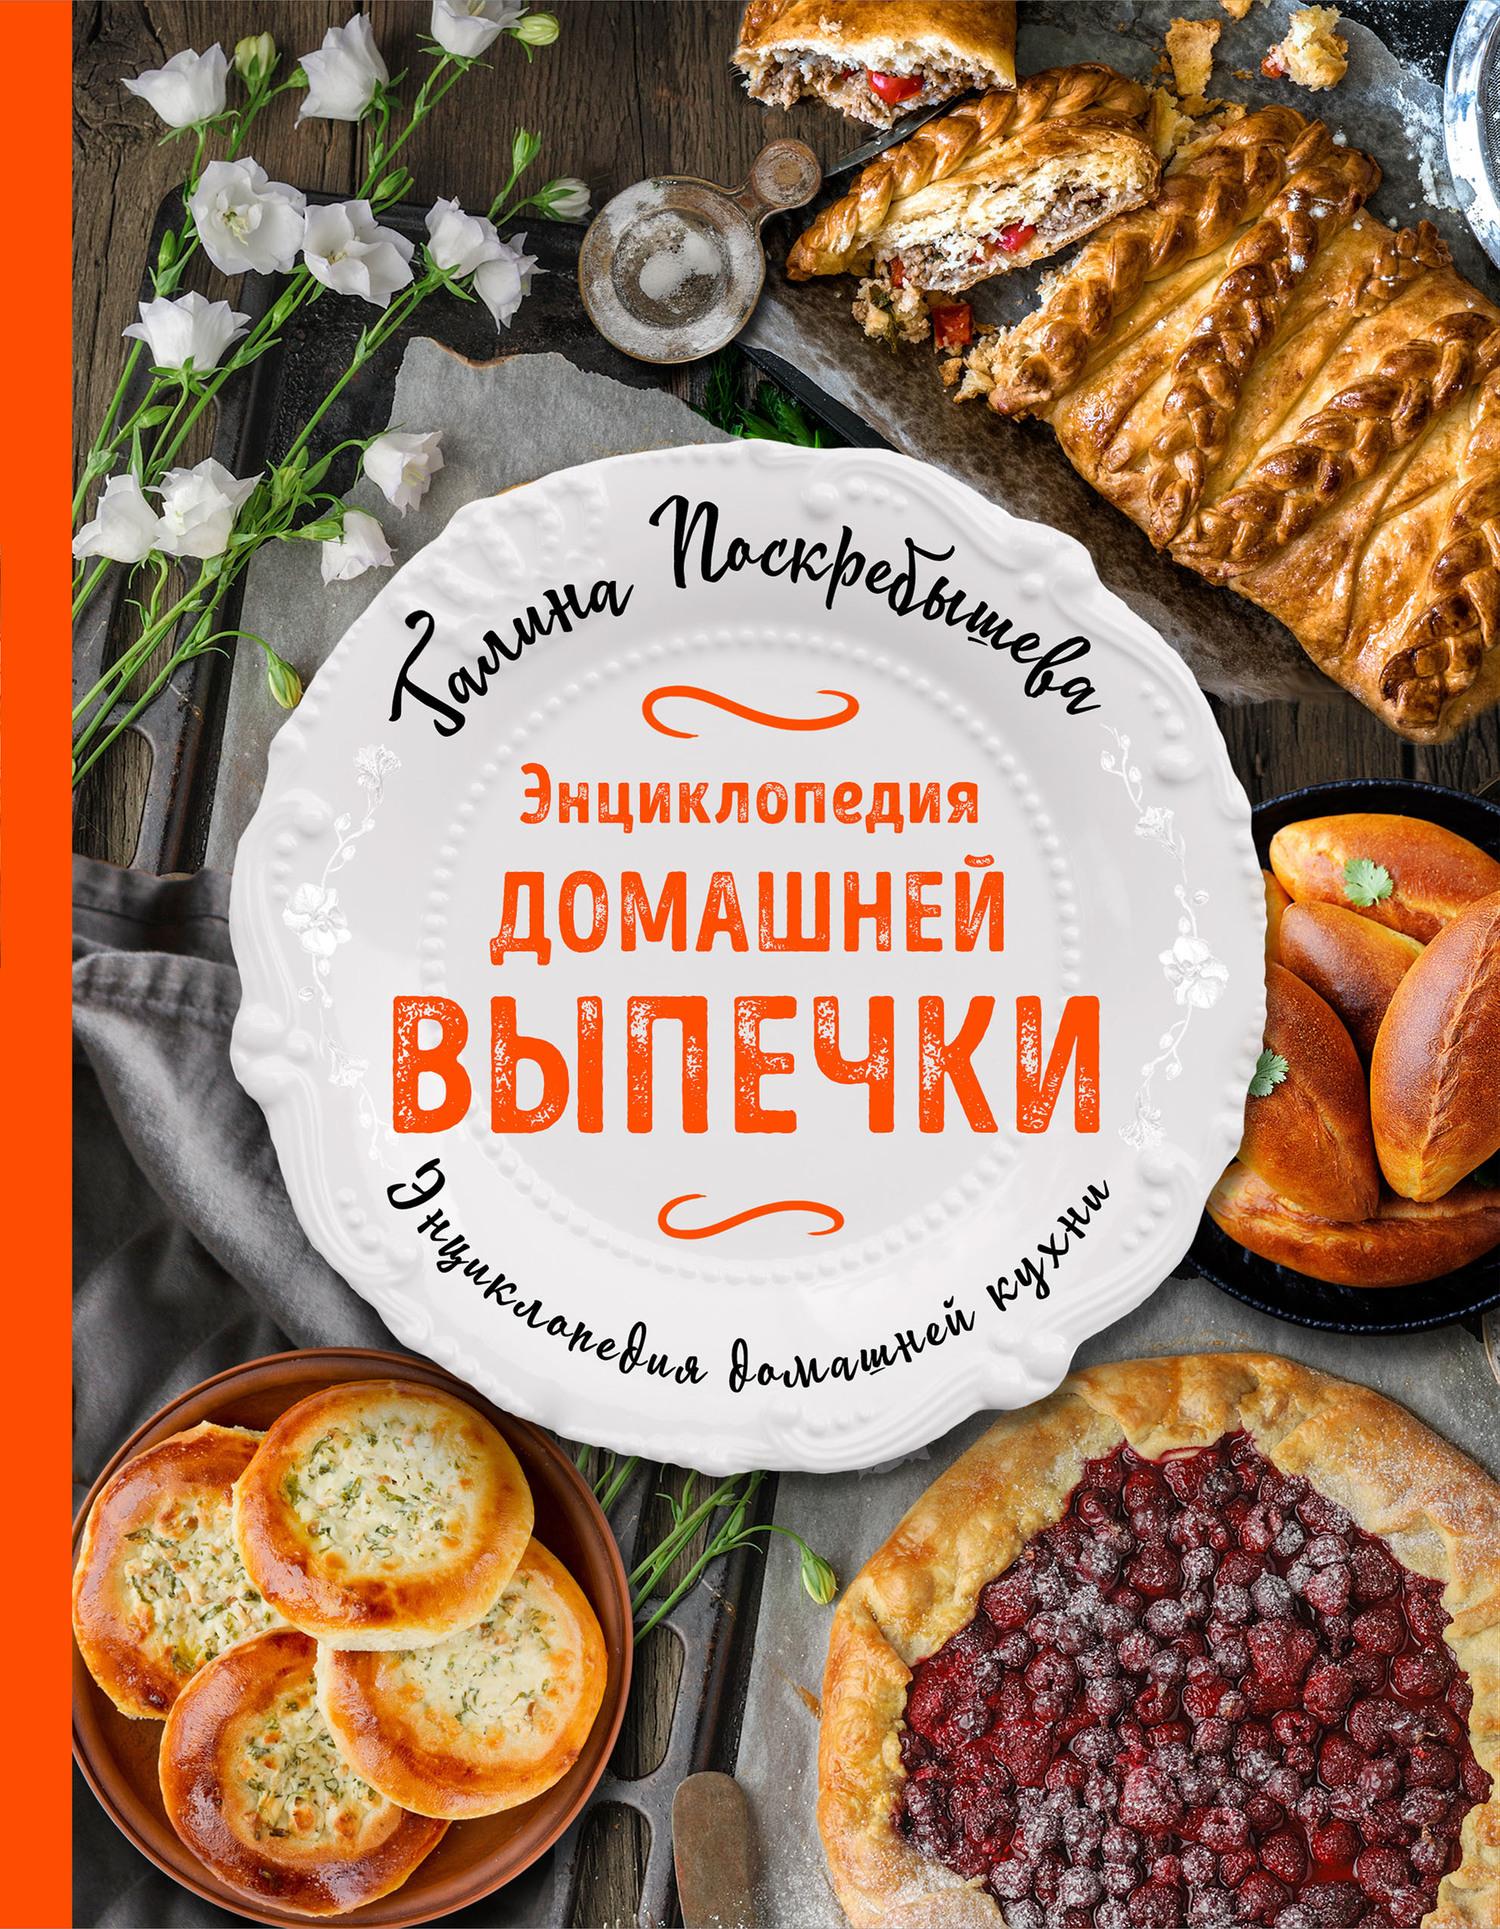 Галина Поскребышева - Энциклопедия домашней выпечки